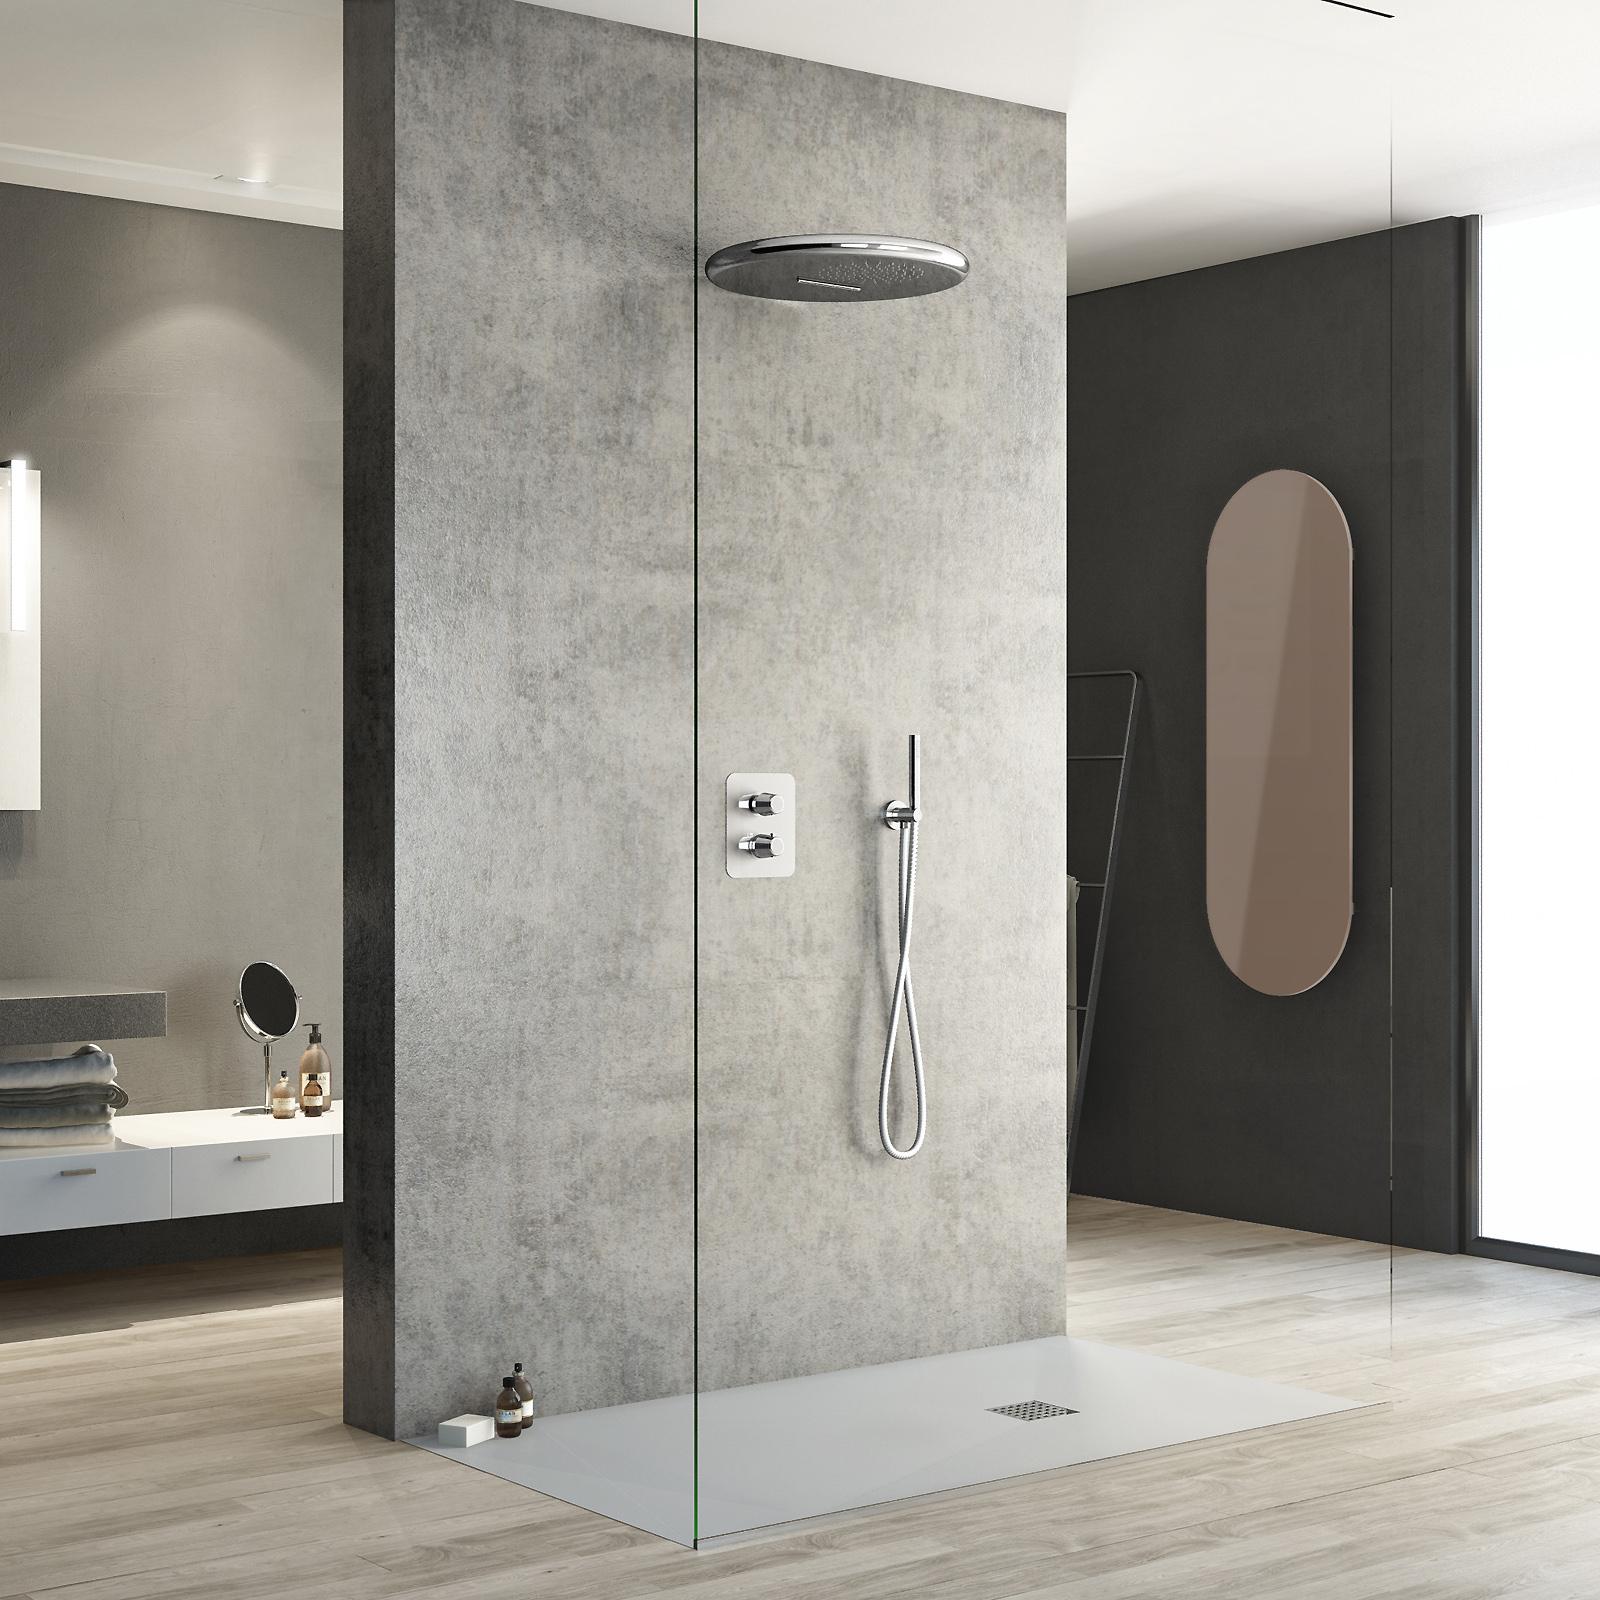 SOLISTONE l'innovativo piatto doccia con effetto pietra! - SINTESIBAGNOBLOG